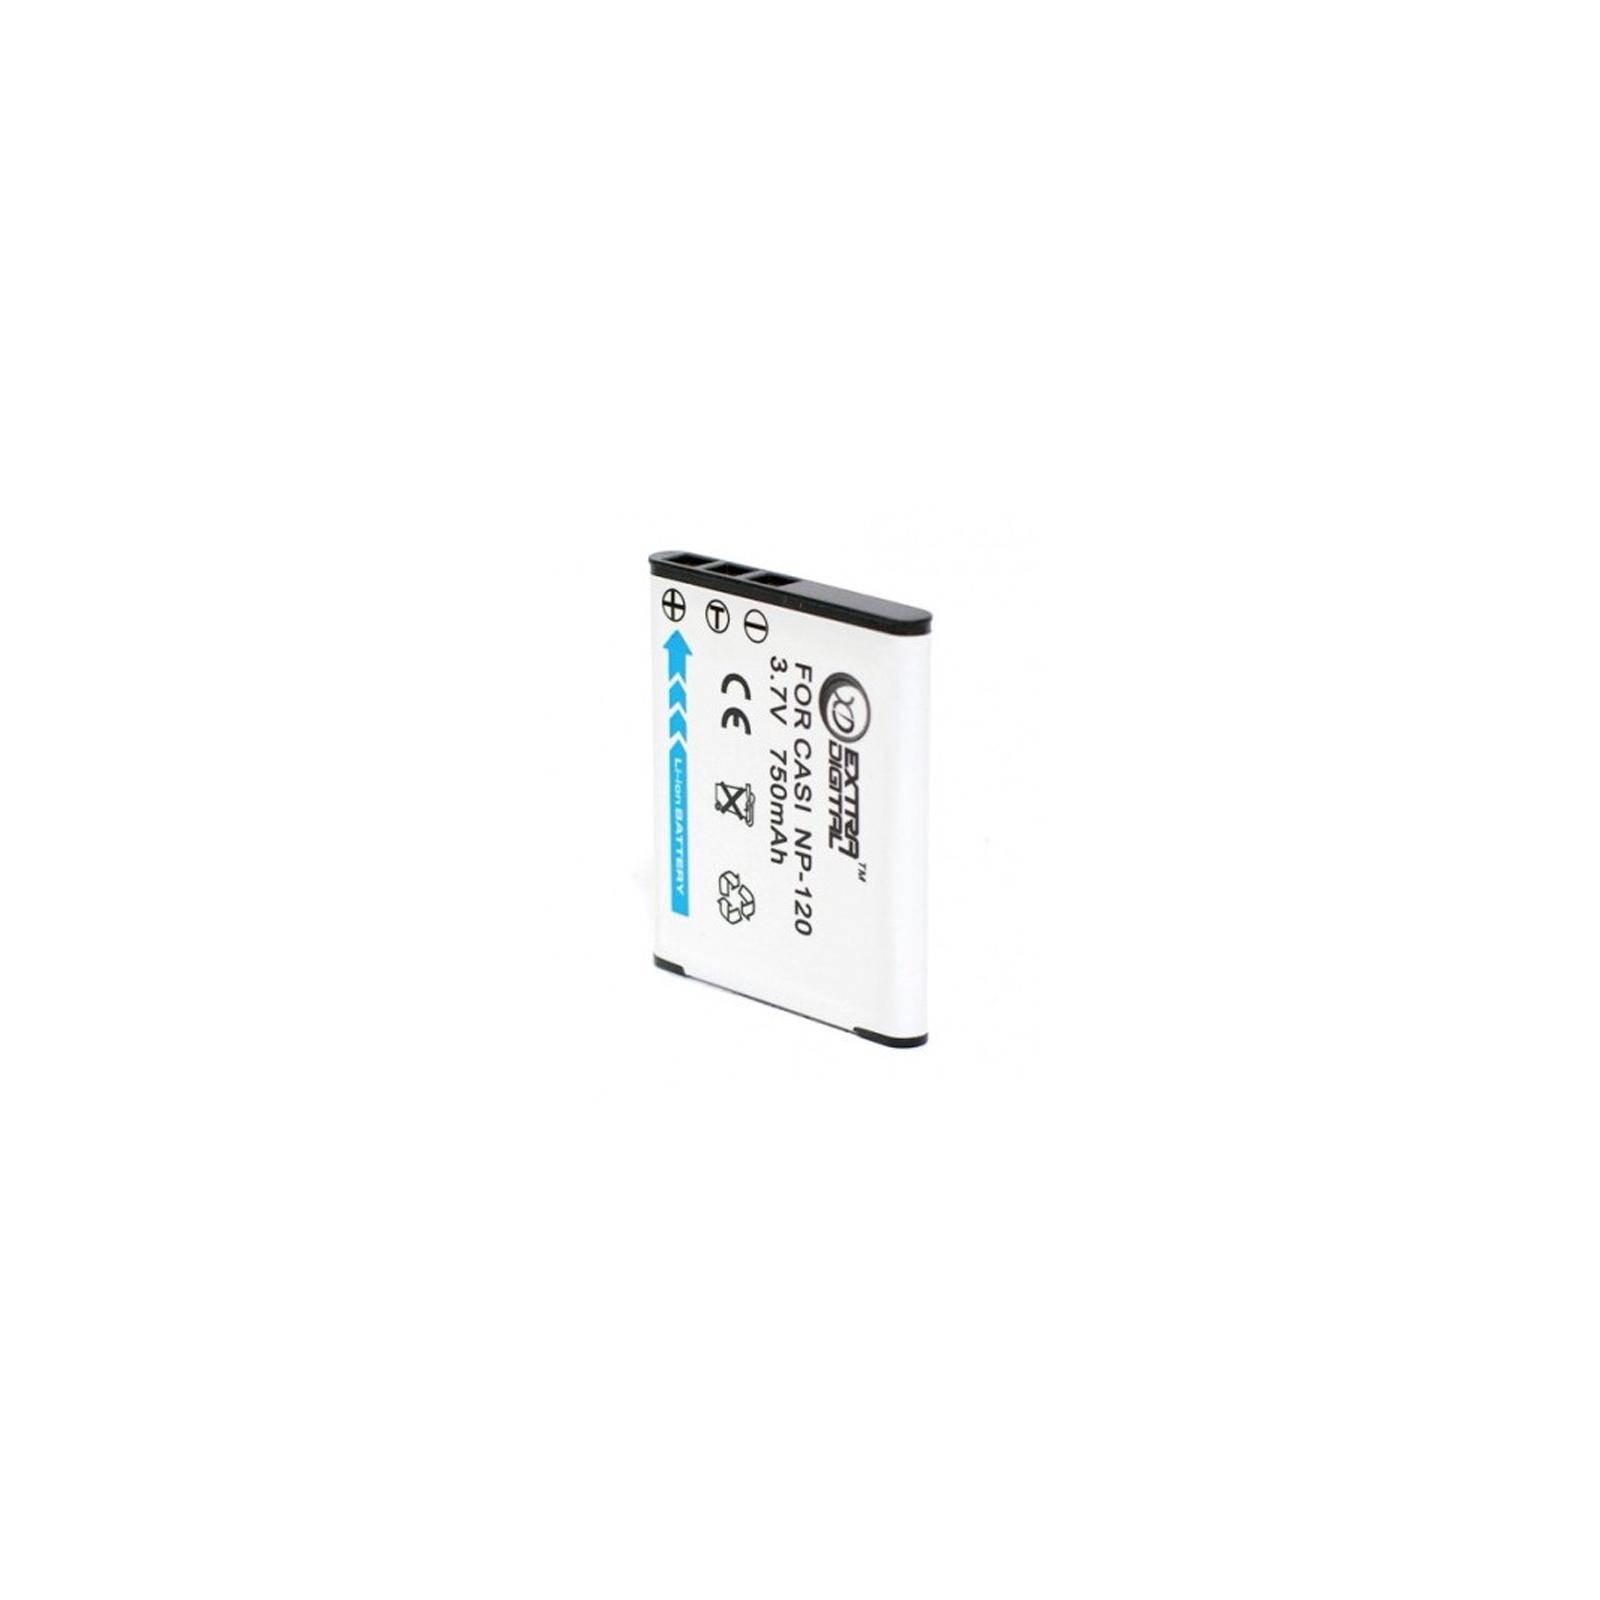 Аккумулятор к фото/видео EXTRADIGITAL Casio NP-120 (DV00DV1343) изображение 2